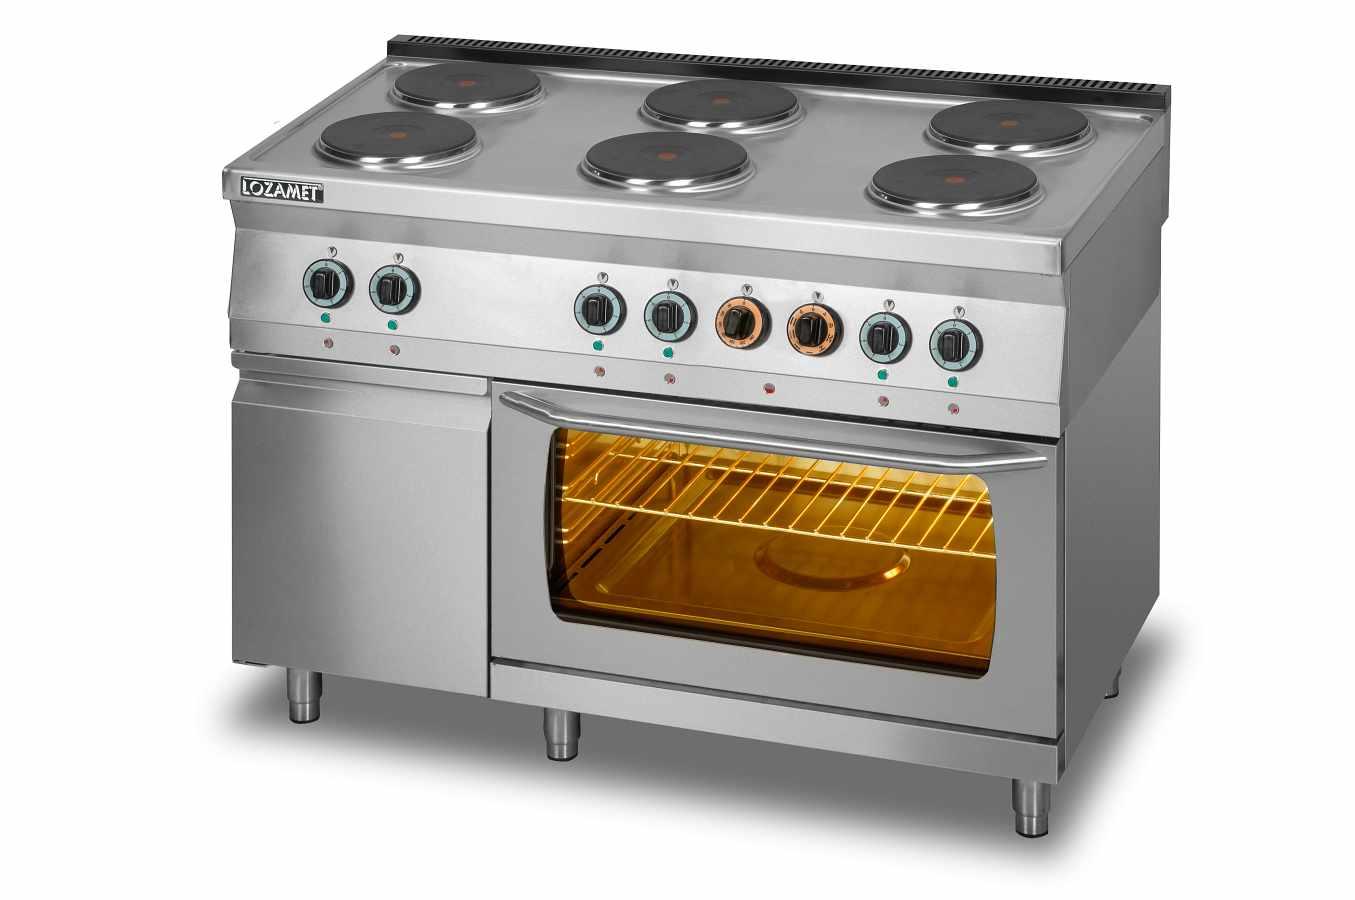 Kuchnie elektryczne z piekarnikiem  KUCHNIA ELEKTRYCZNA   -> Kuchnia Gazowa Vs Elektryczna